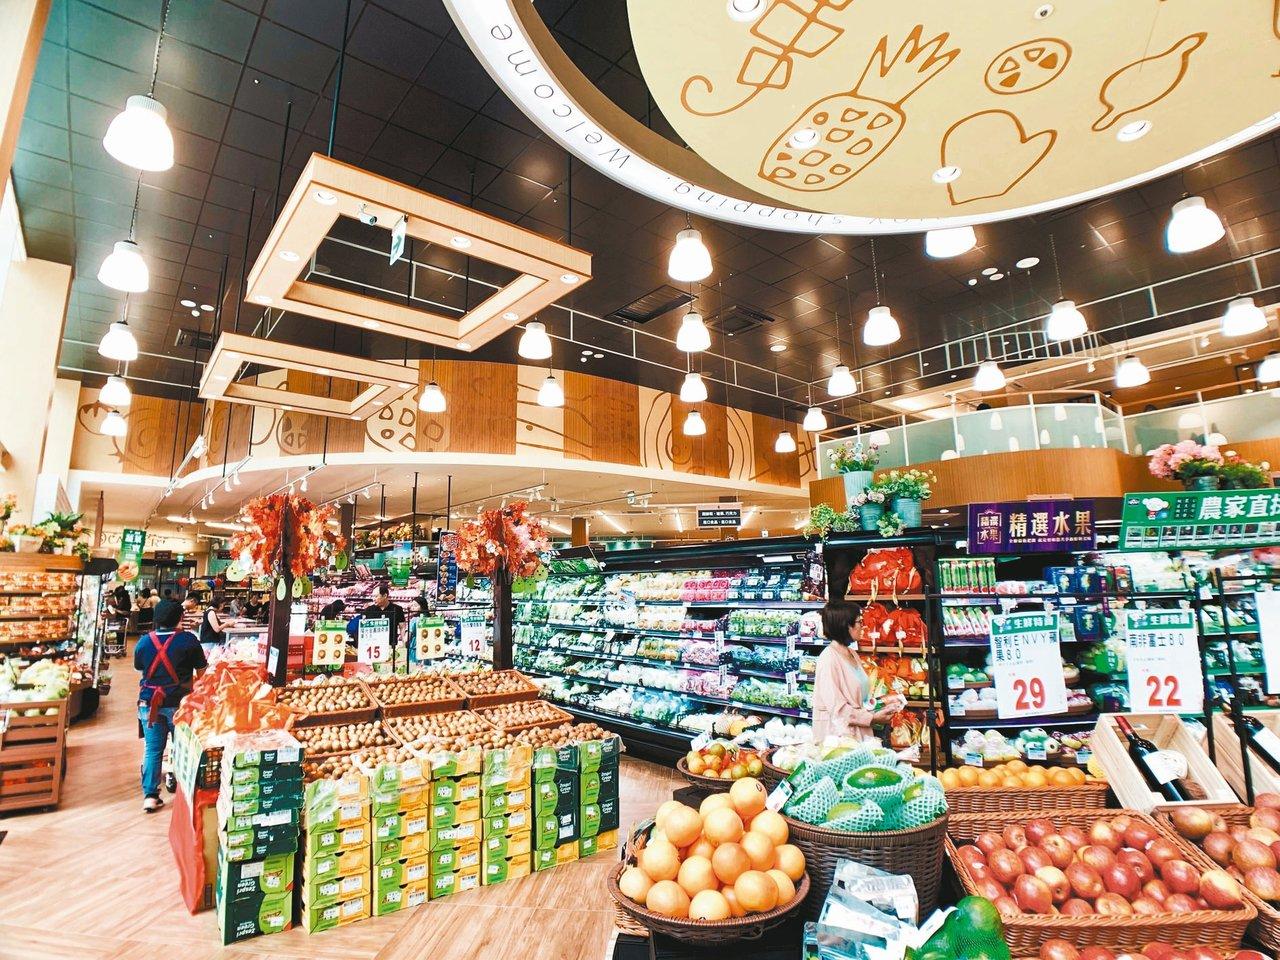 全聯台中市政店由日本設計師「西川隆」打造挑高、舒適的購物空間。 記者張芳瑜/攝影